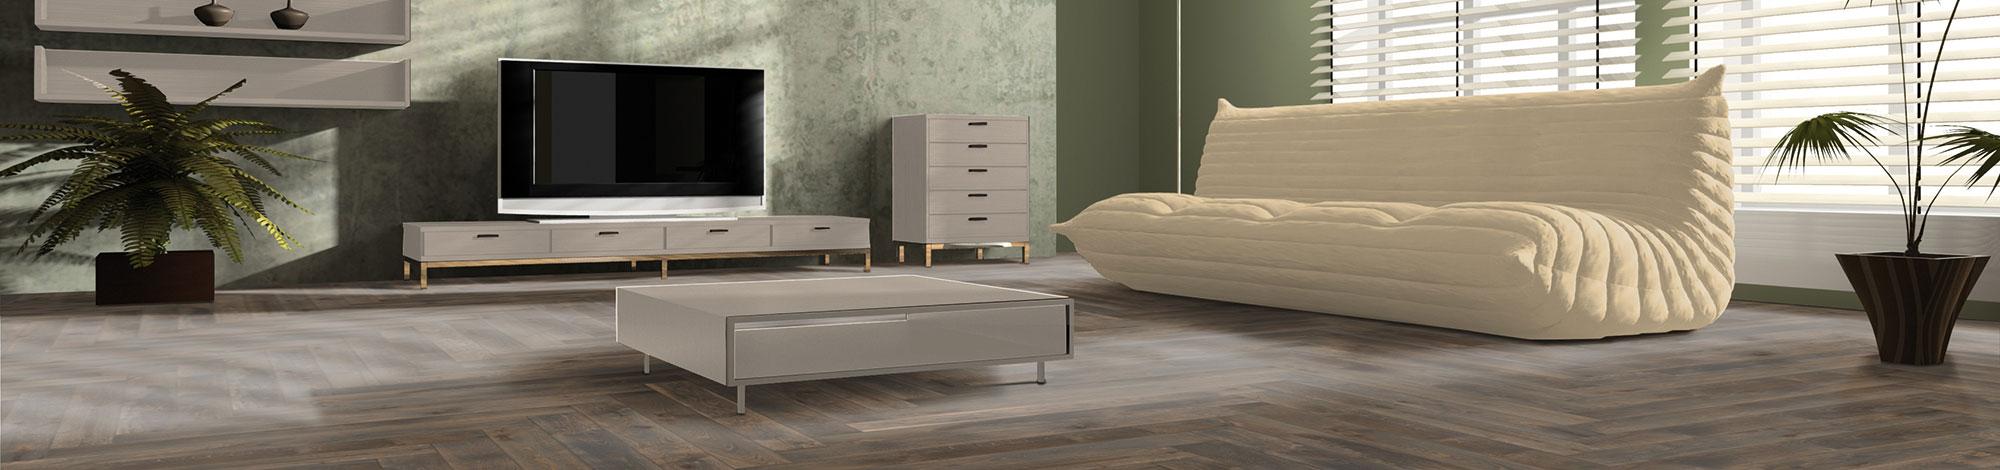 ihr bodenbelagerlebnis f r d sseldorf und umgebung parkett laminat. Black Bedroom Furniture Sets. Home Design Ideas